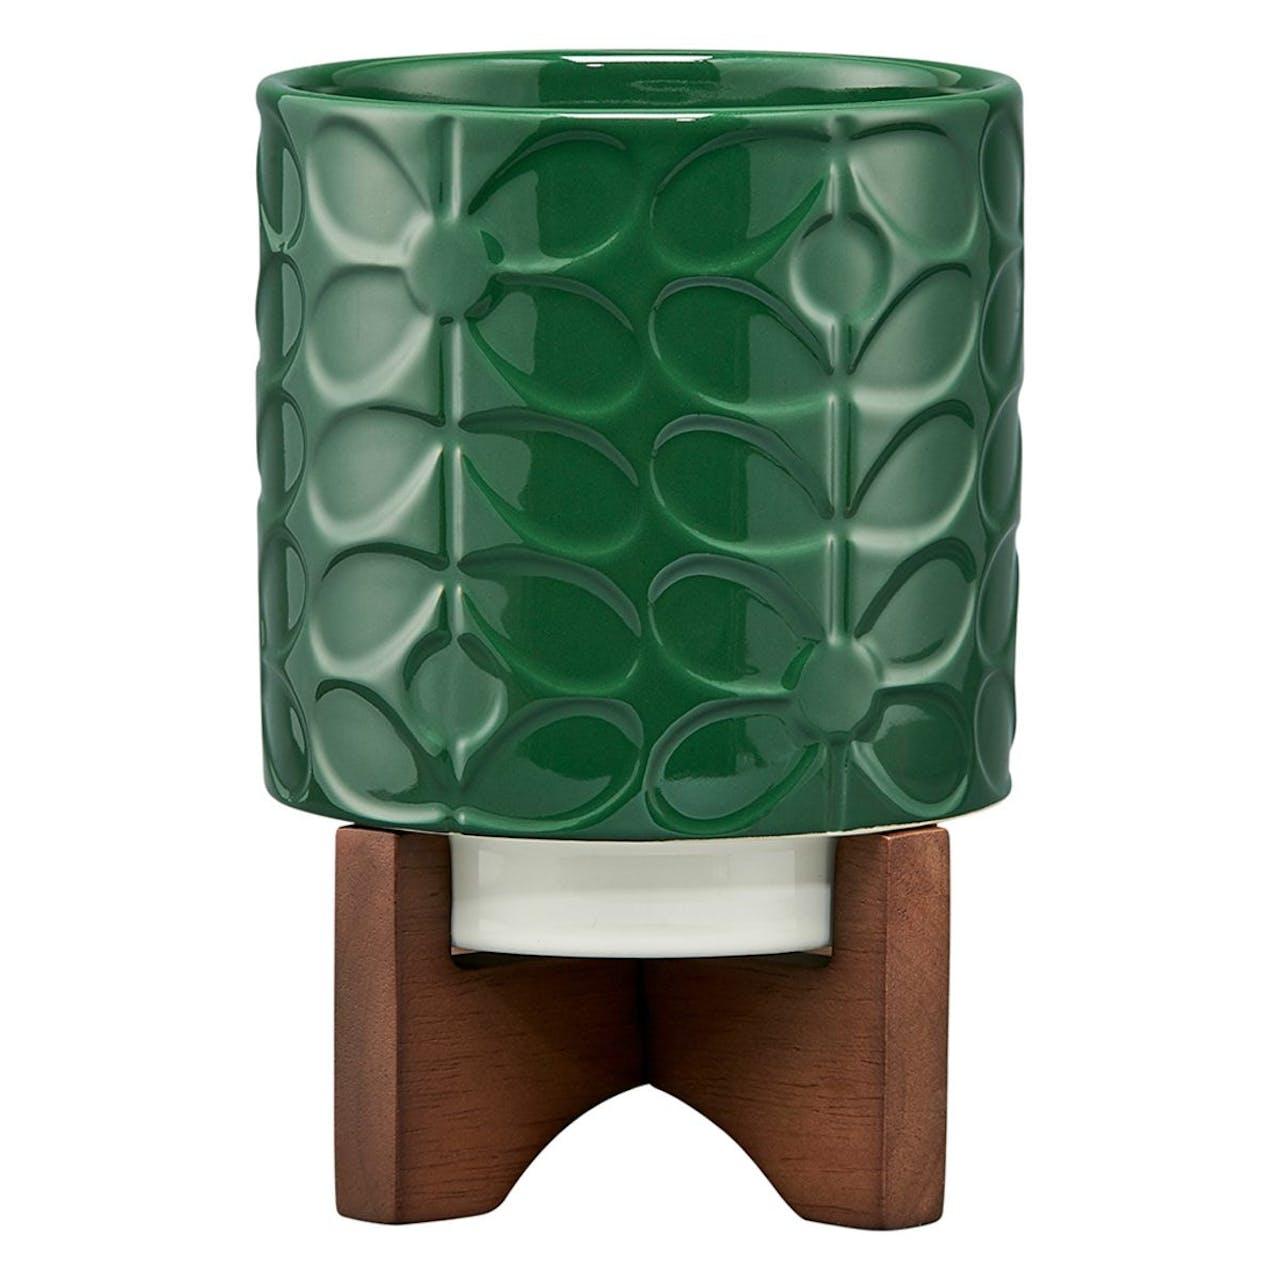 Orla Kiely Sixties Stem Jade Plant Pot With Box